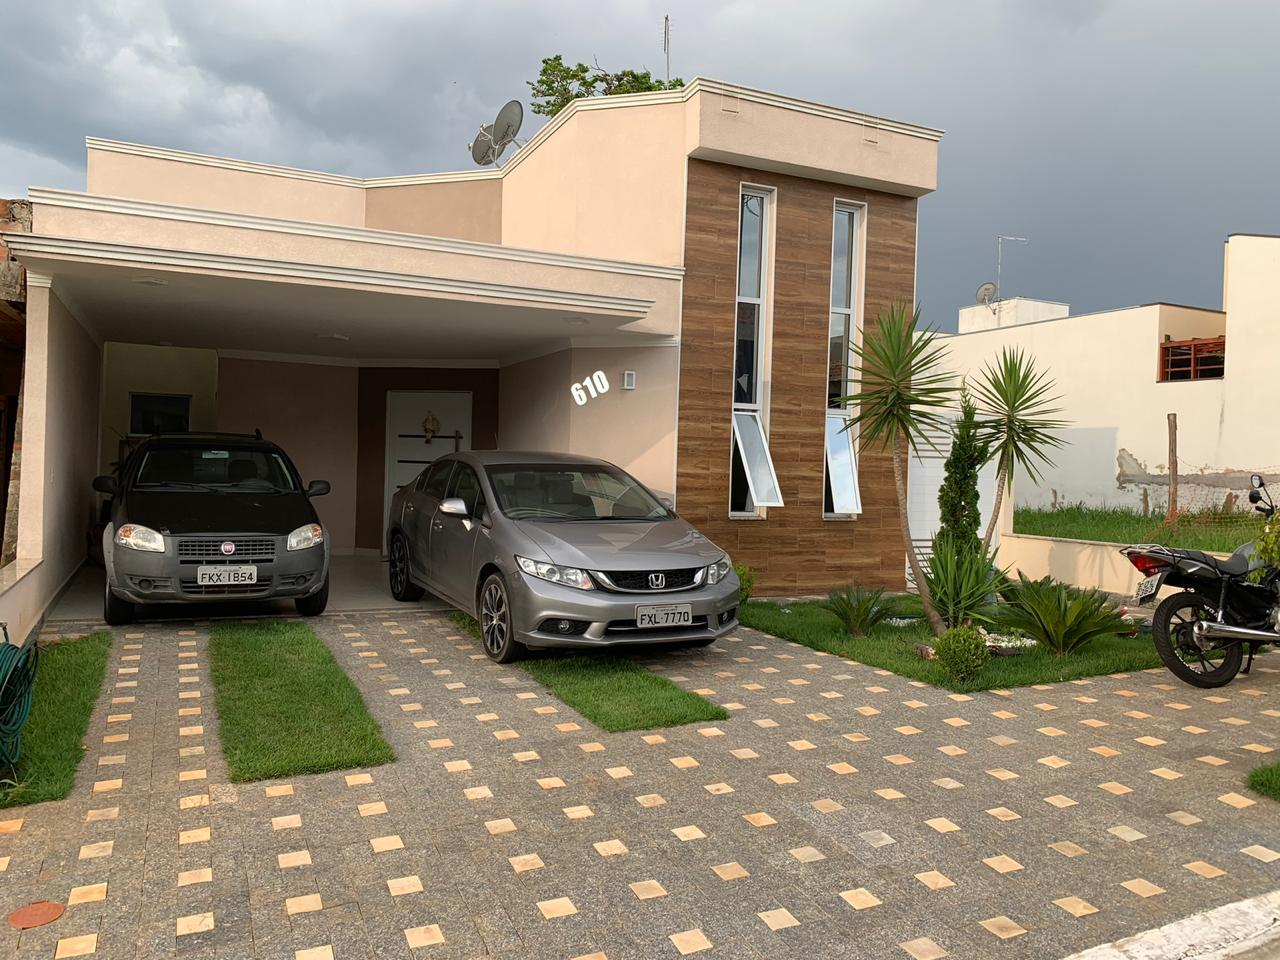 Casa com 4 dormitórios à venda, 180 m² por R$ 562.000 - Residencial Golden Park - Hortolândia/SP